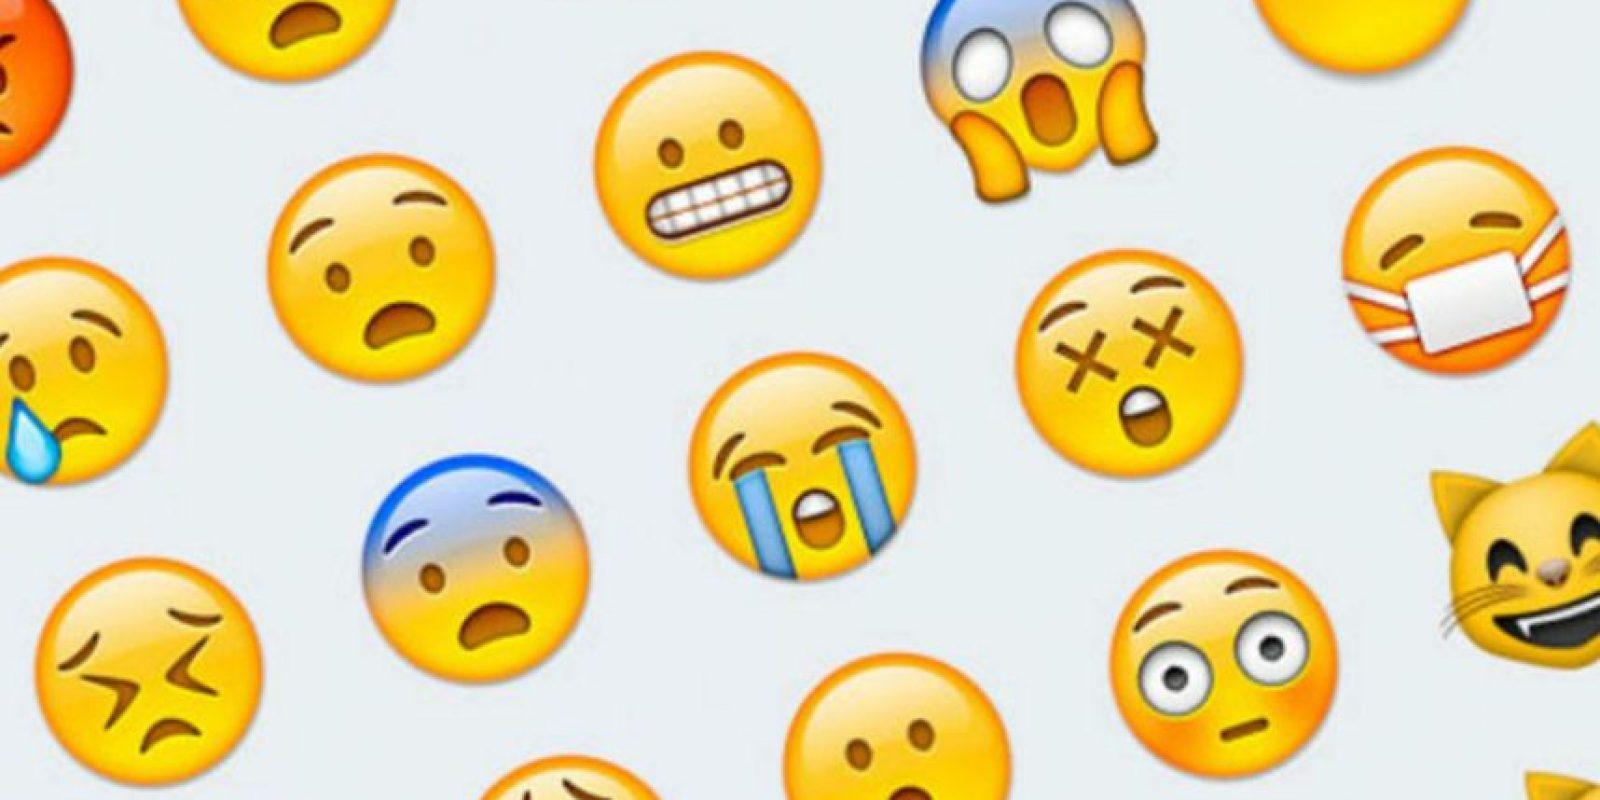 La película de los emojis se estrenará en 2017. Foto:vía Pinterest.com